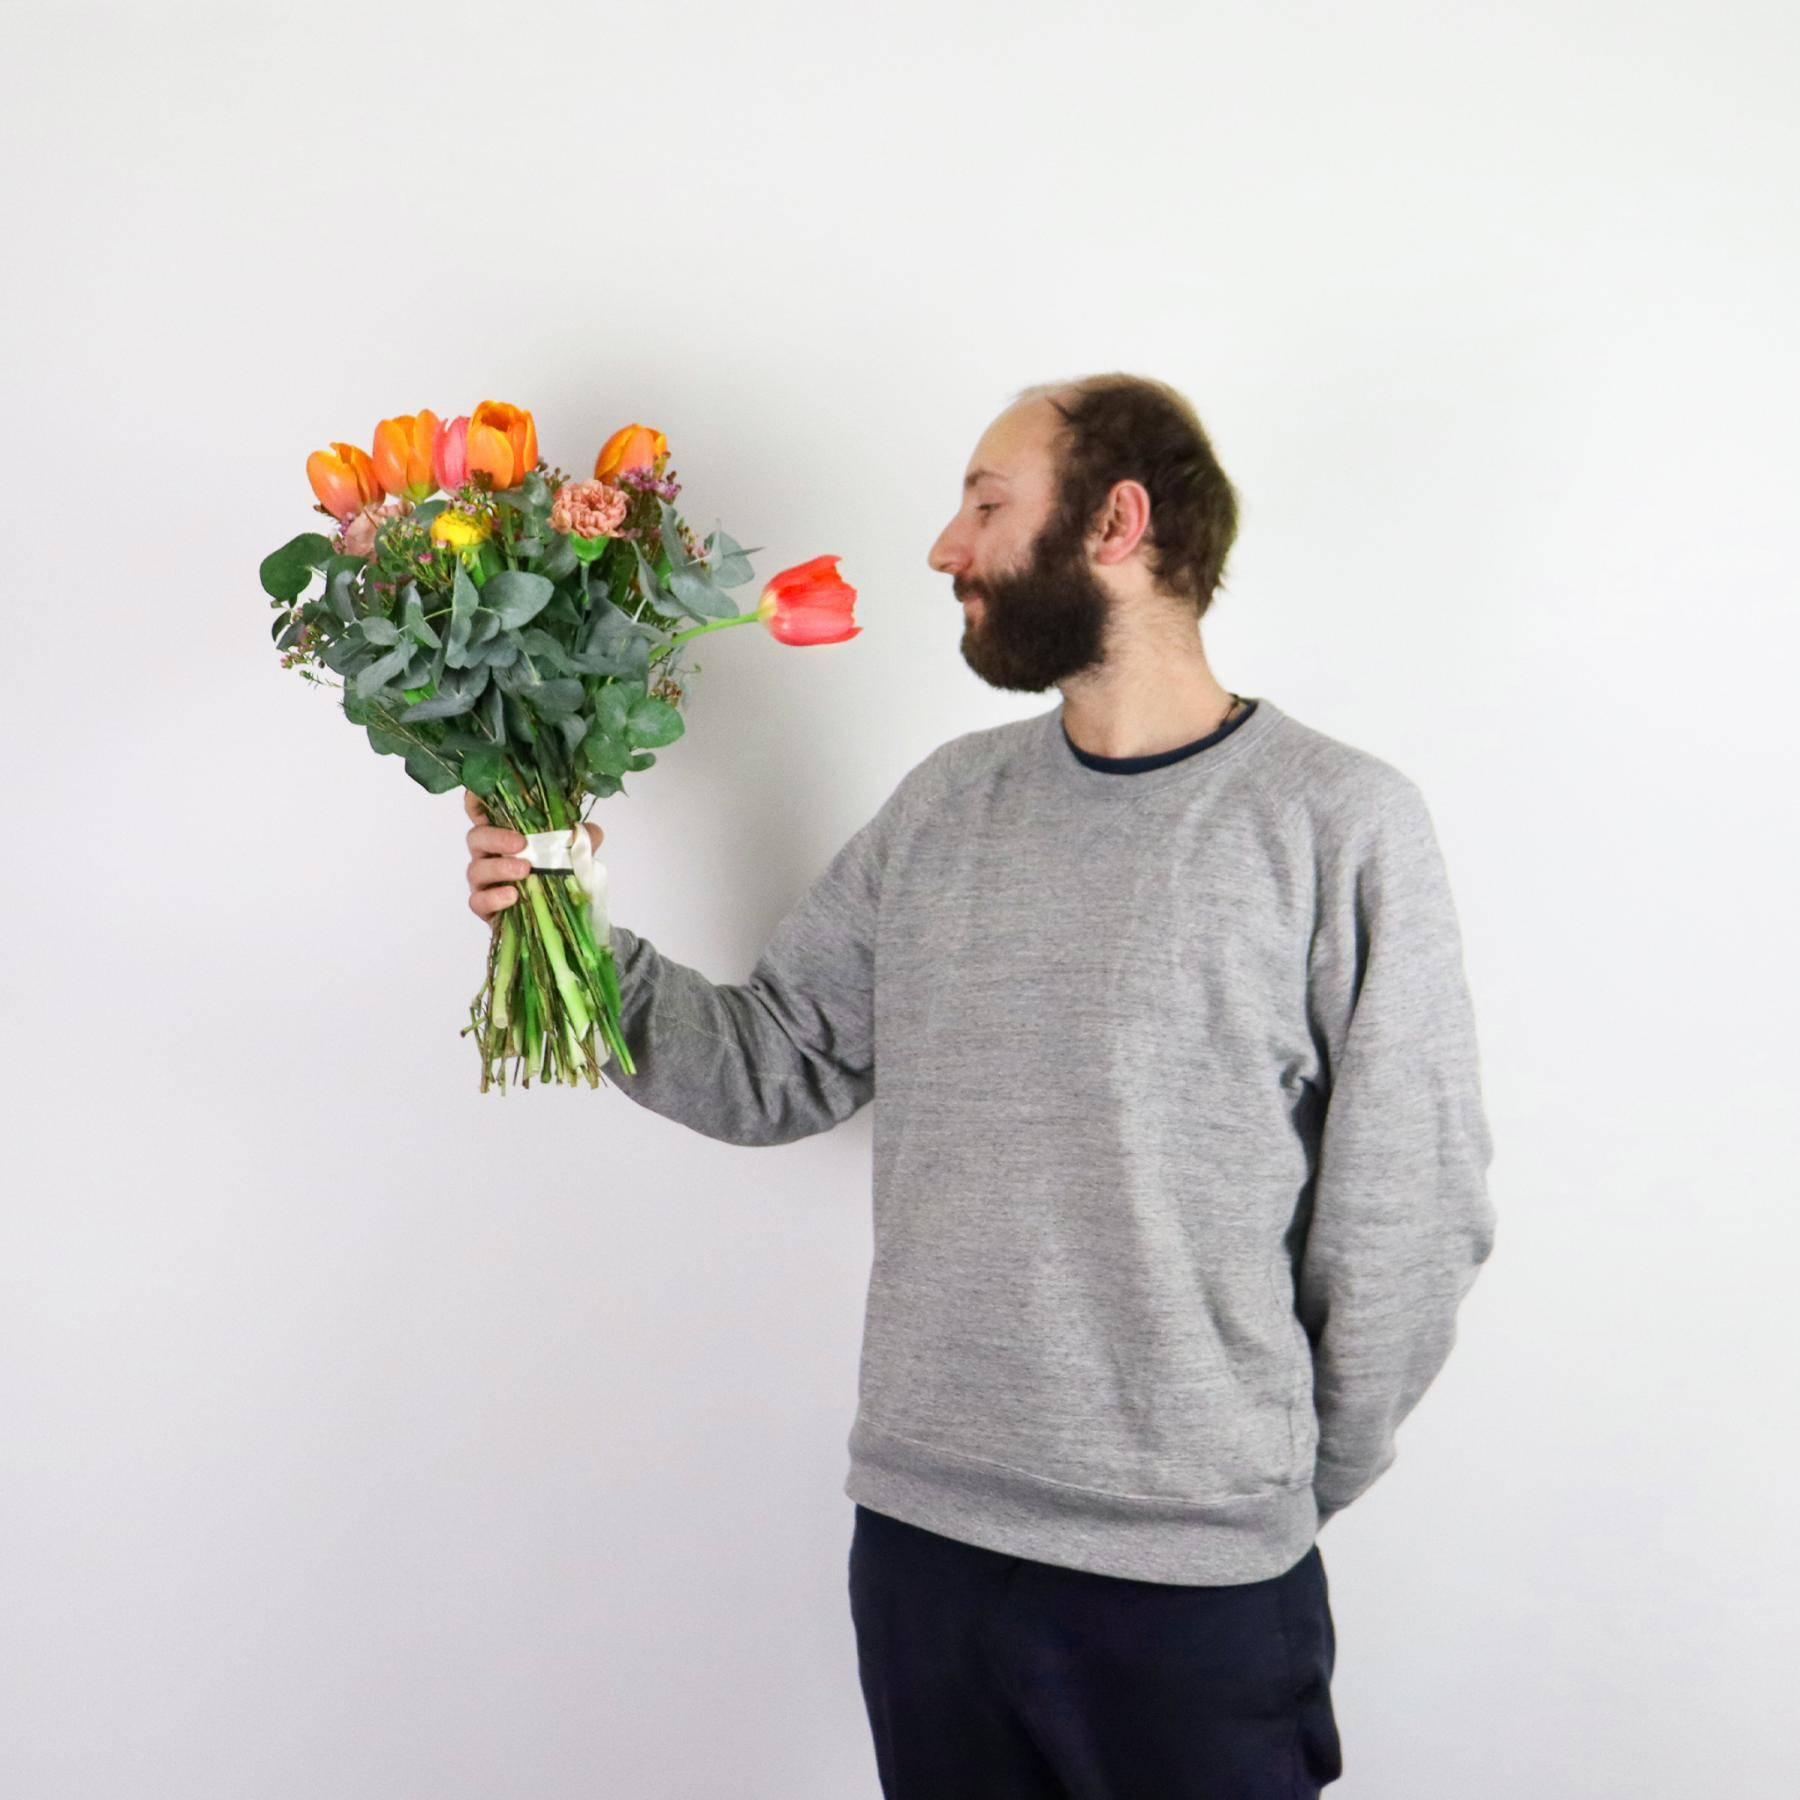 homme bouquet fleurs saint valentin